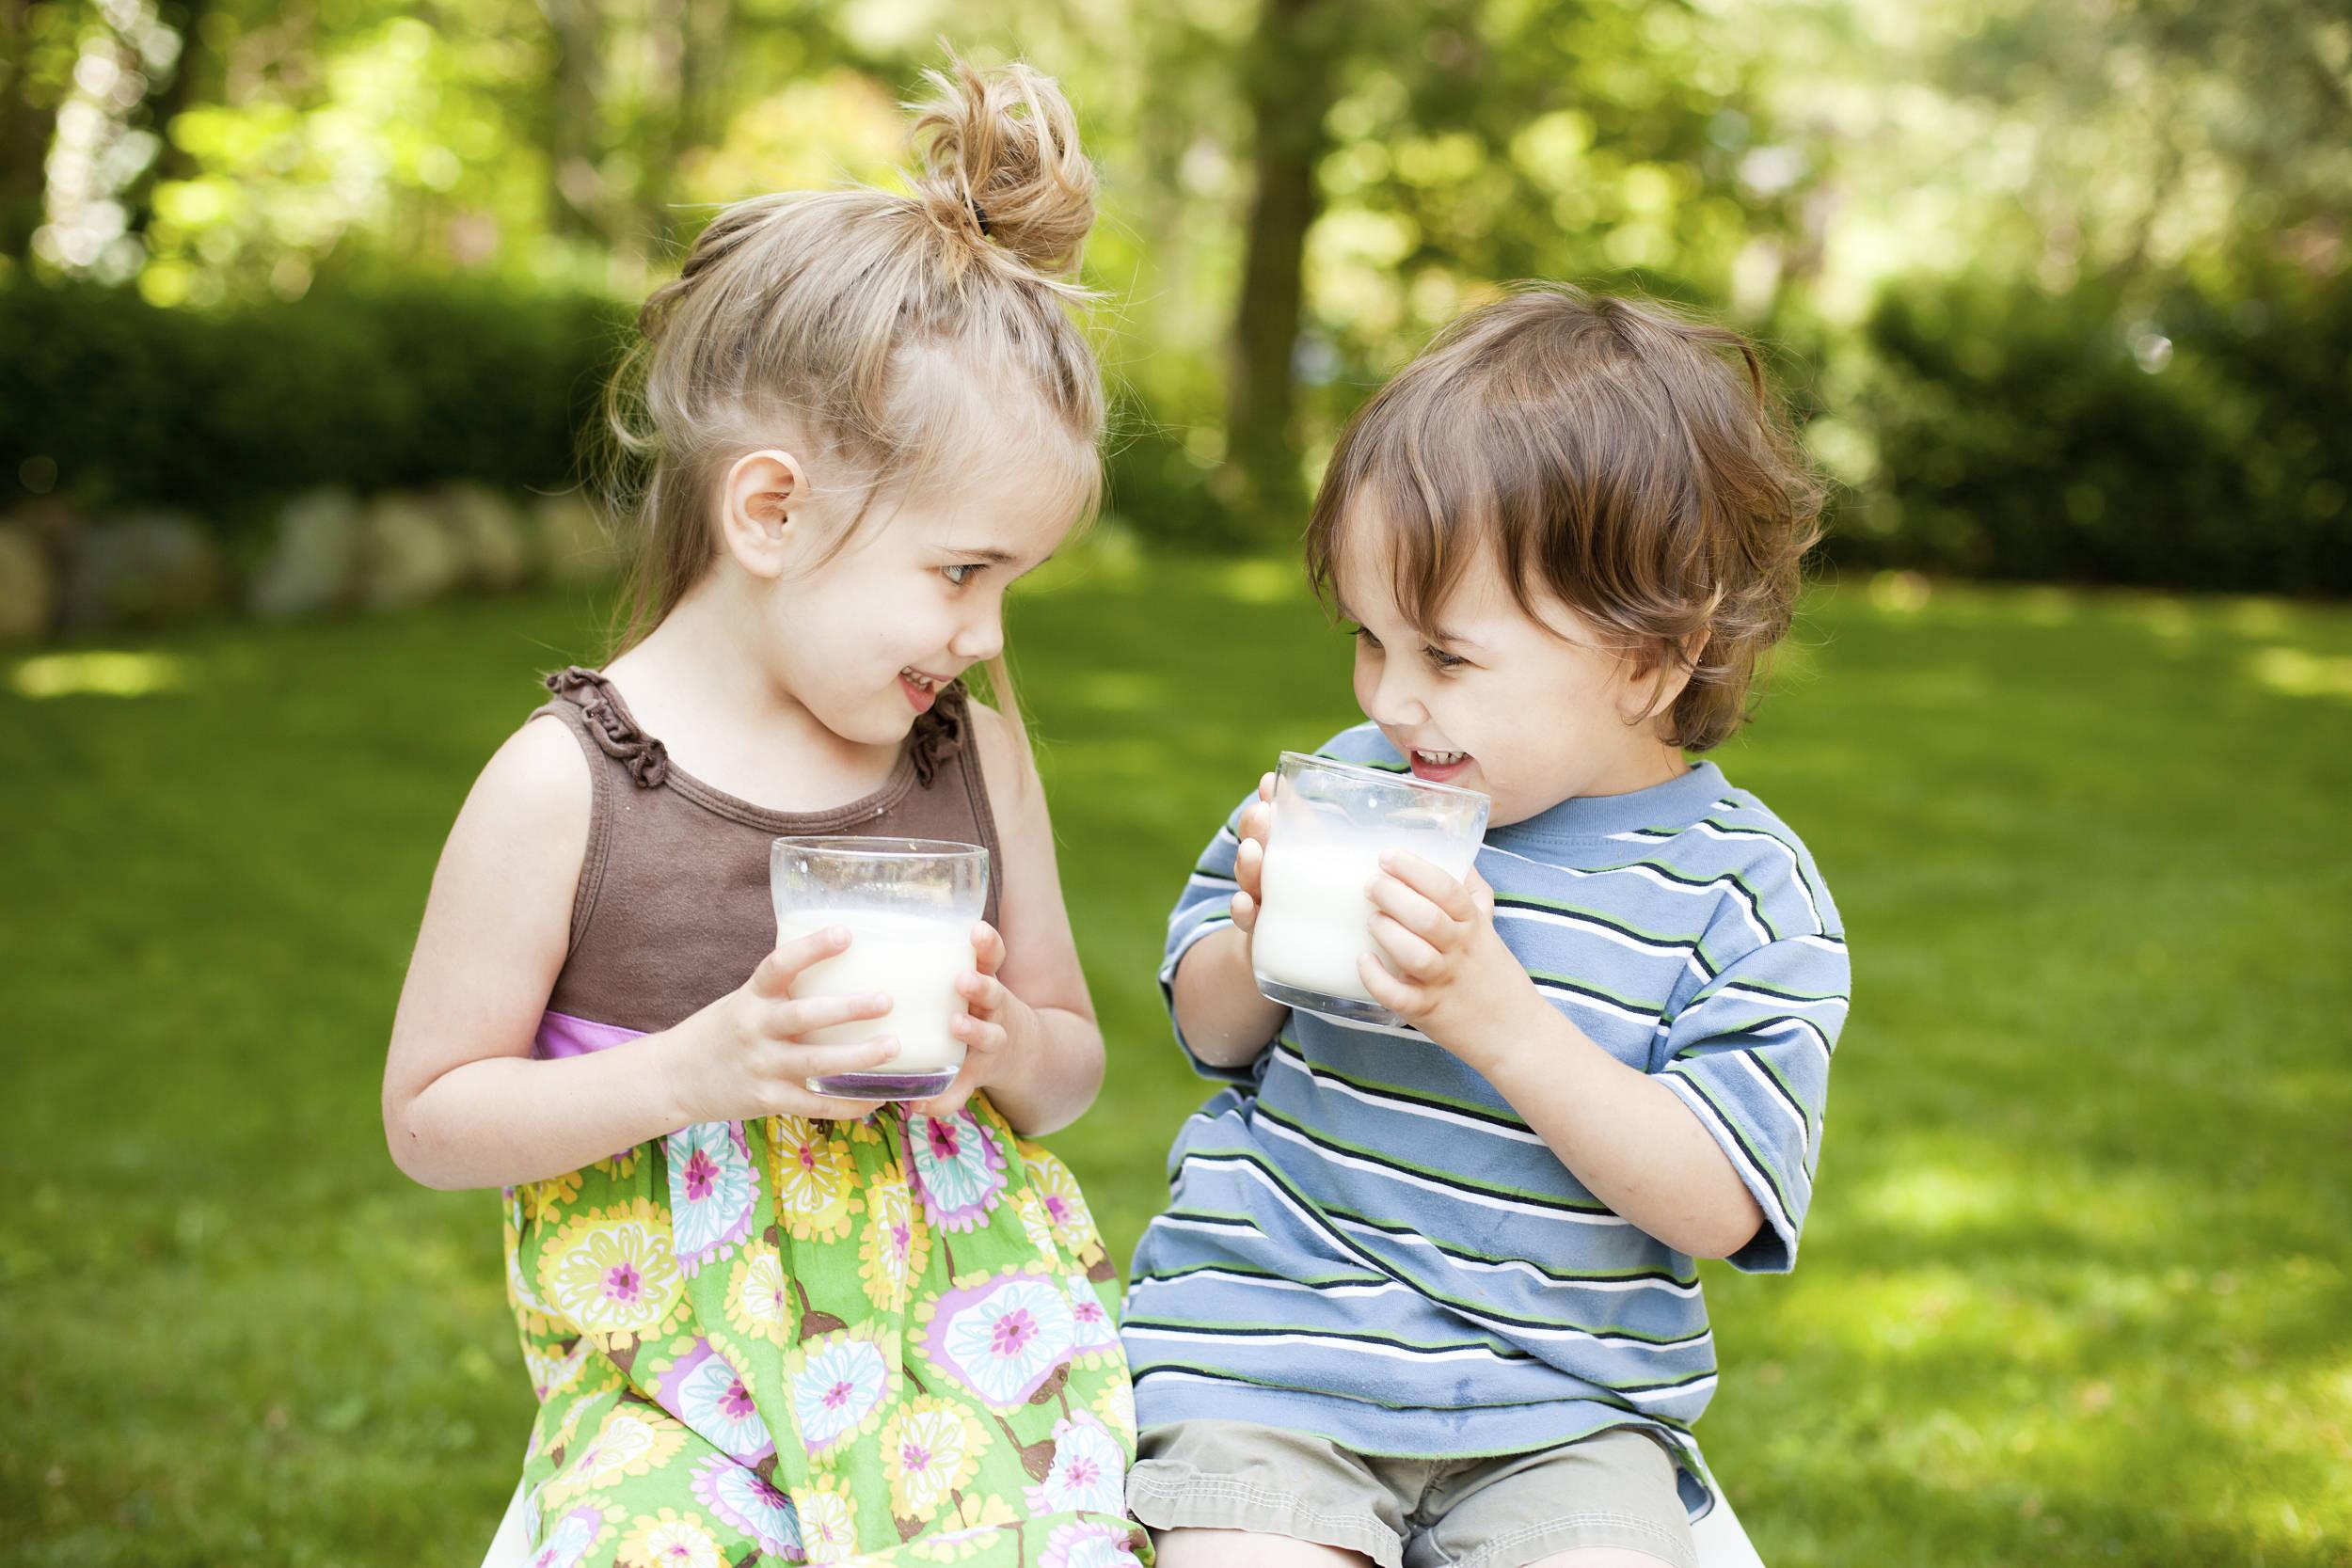 全脂牛奶、脱脂牛奶有啥区别?这种假牛奶谨慎购买  饮食文化